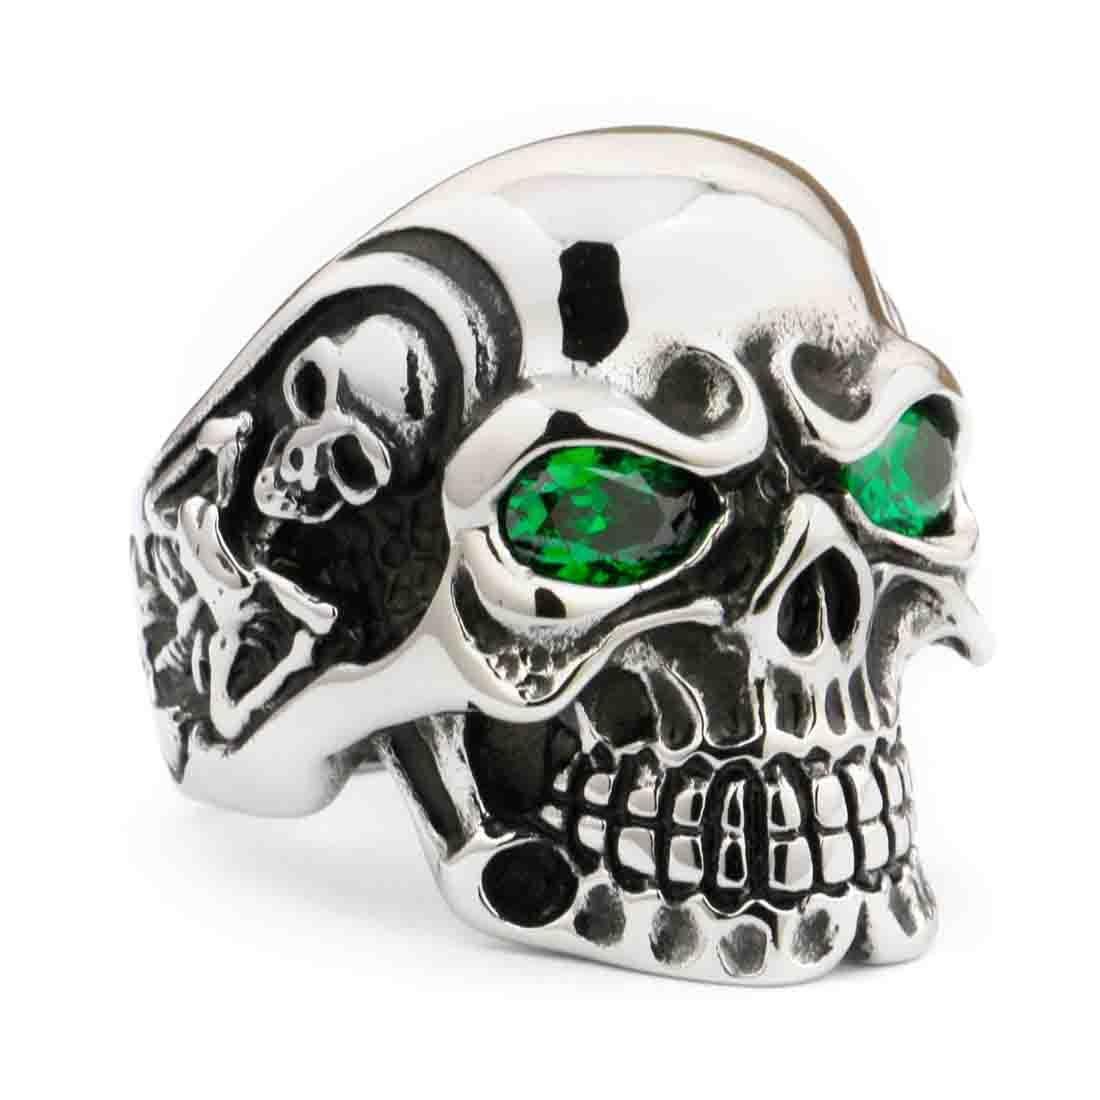 Linsion design gotico teschio anello in acciaio INOX verde CZ occhi nero argento tono Biker Jewerly 3/A301